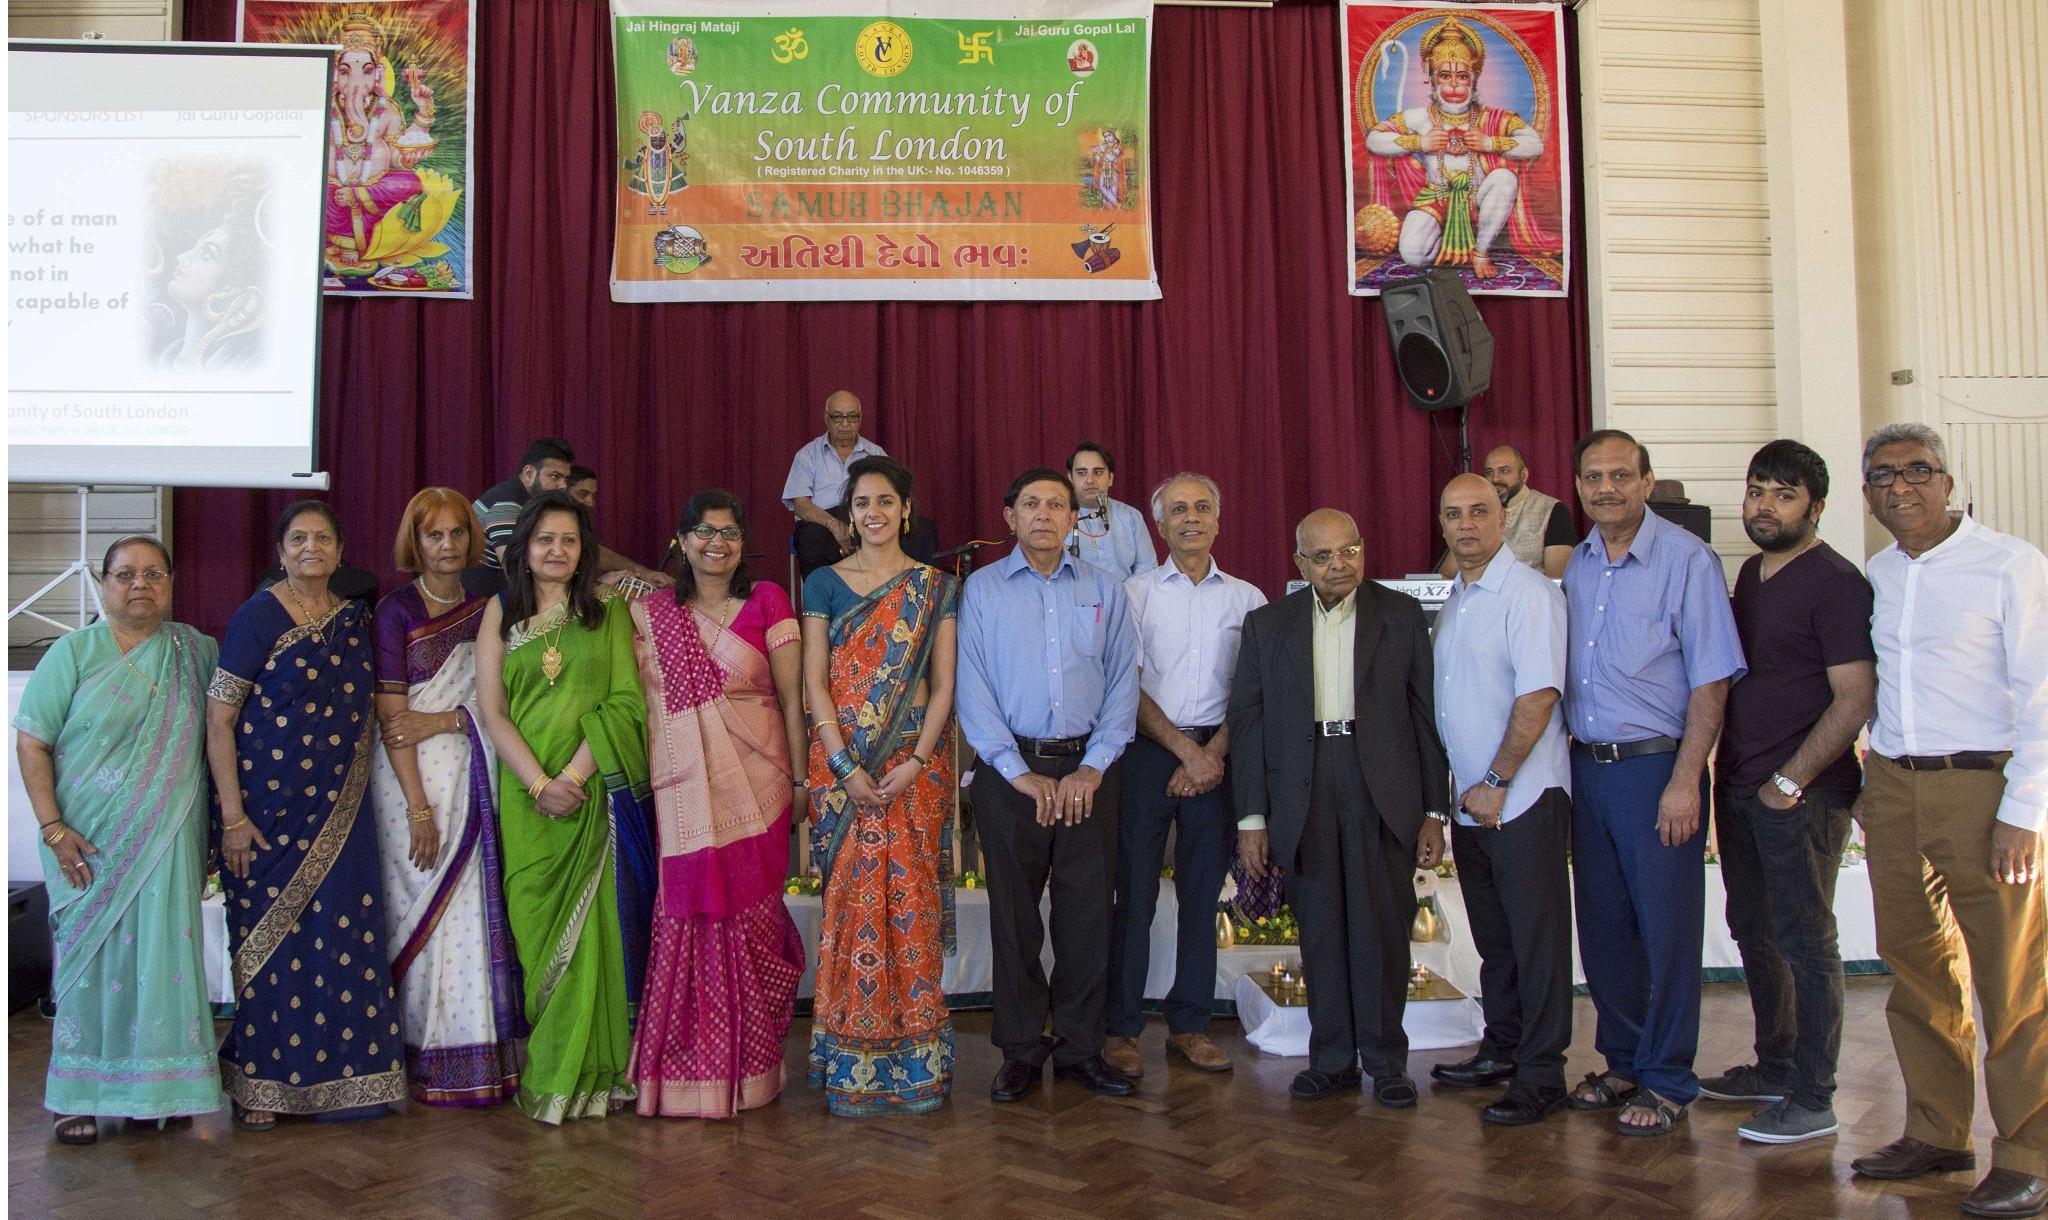 VCSL Samuh Bhajan 2017